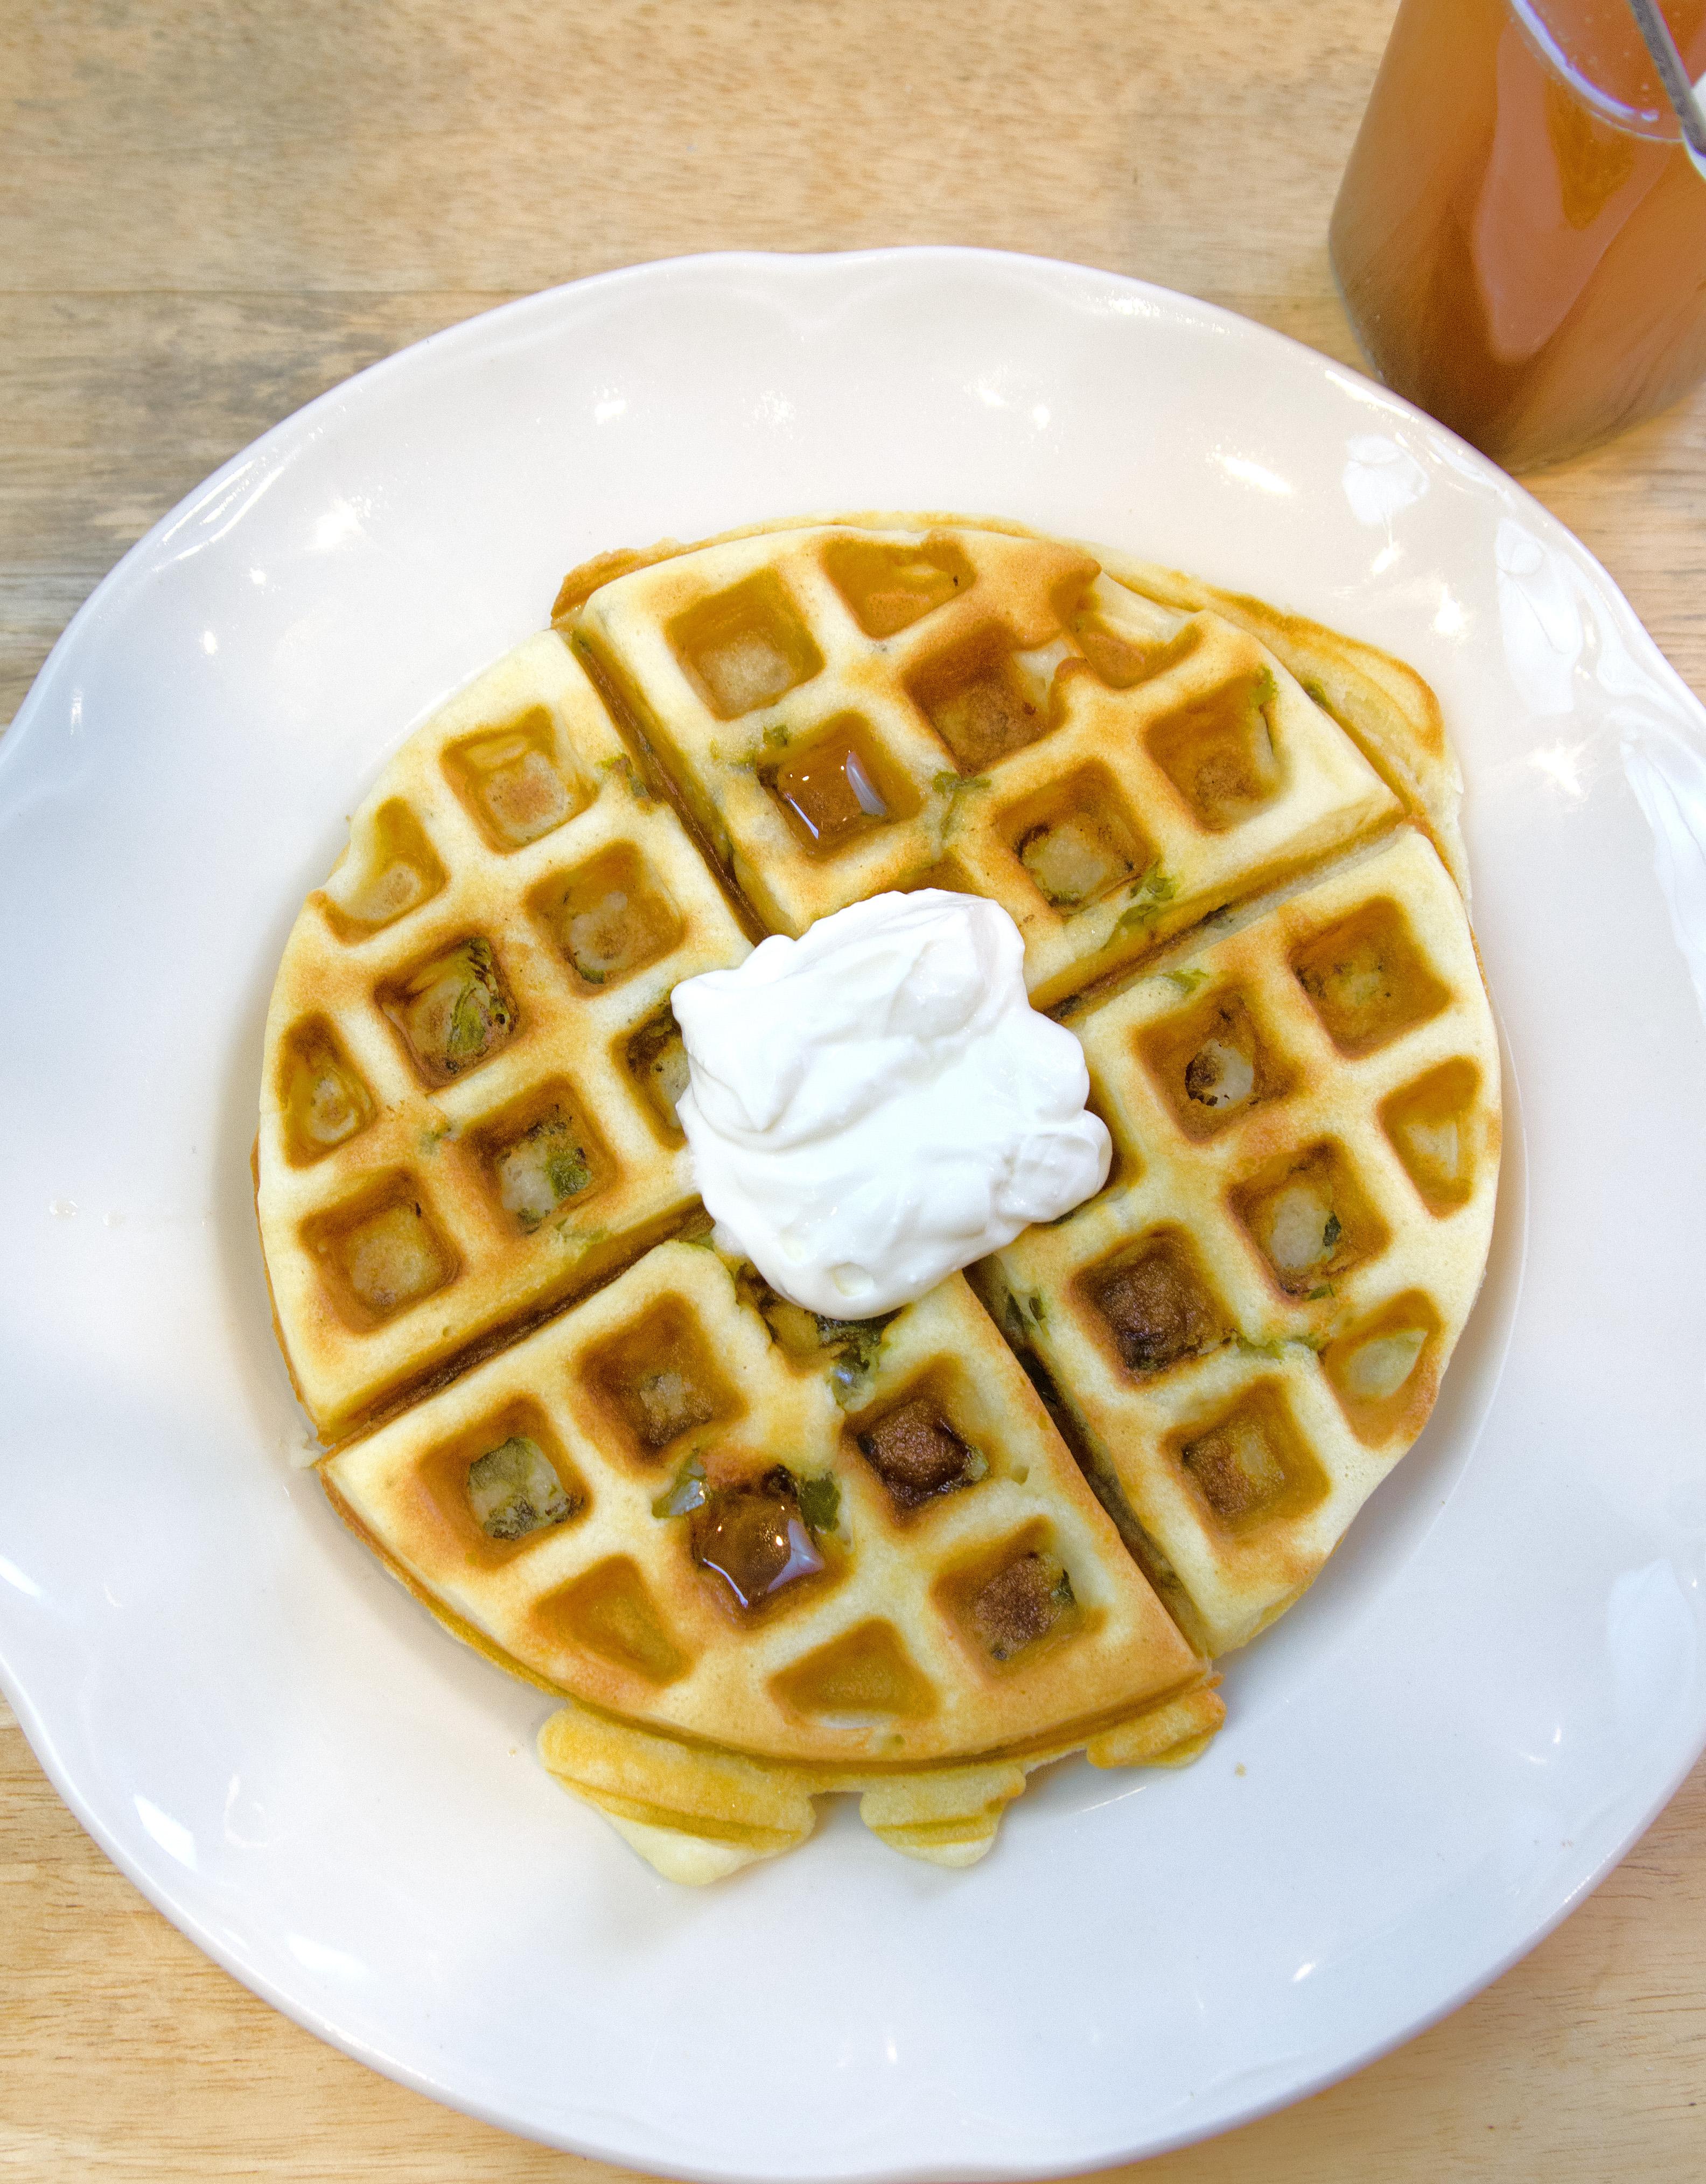 jalapno-waffles-with-honey-syrup